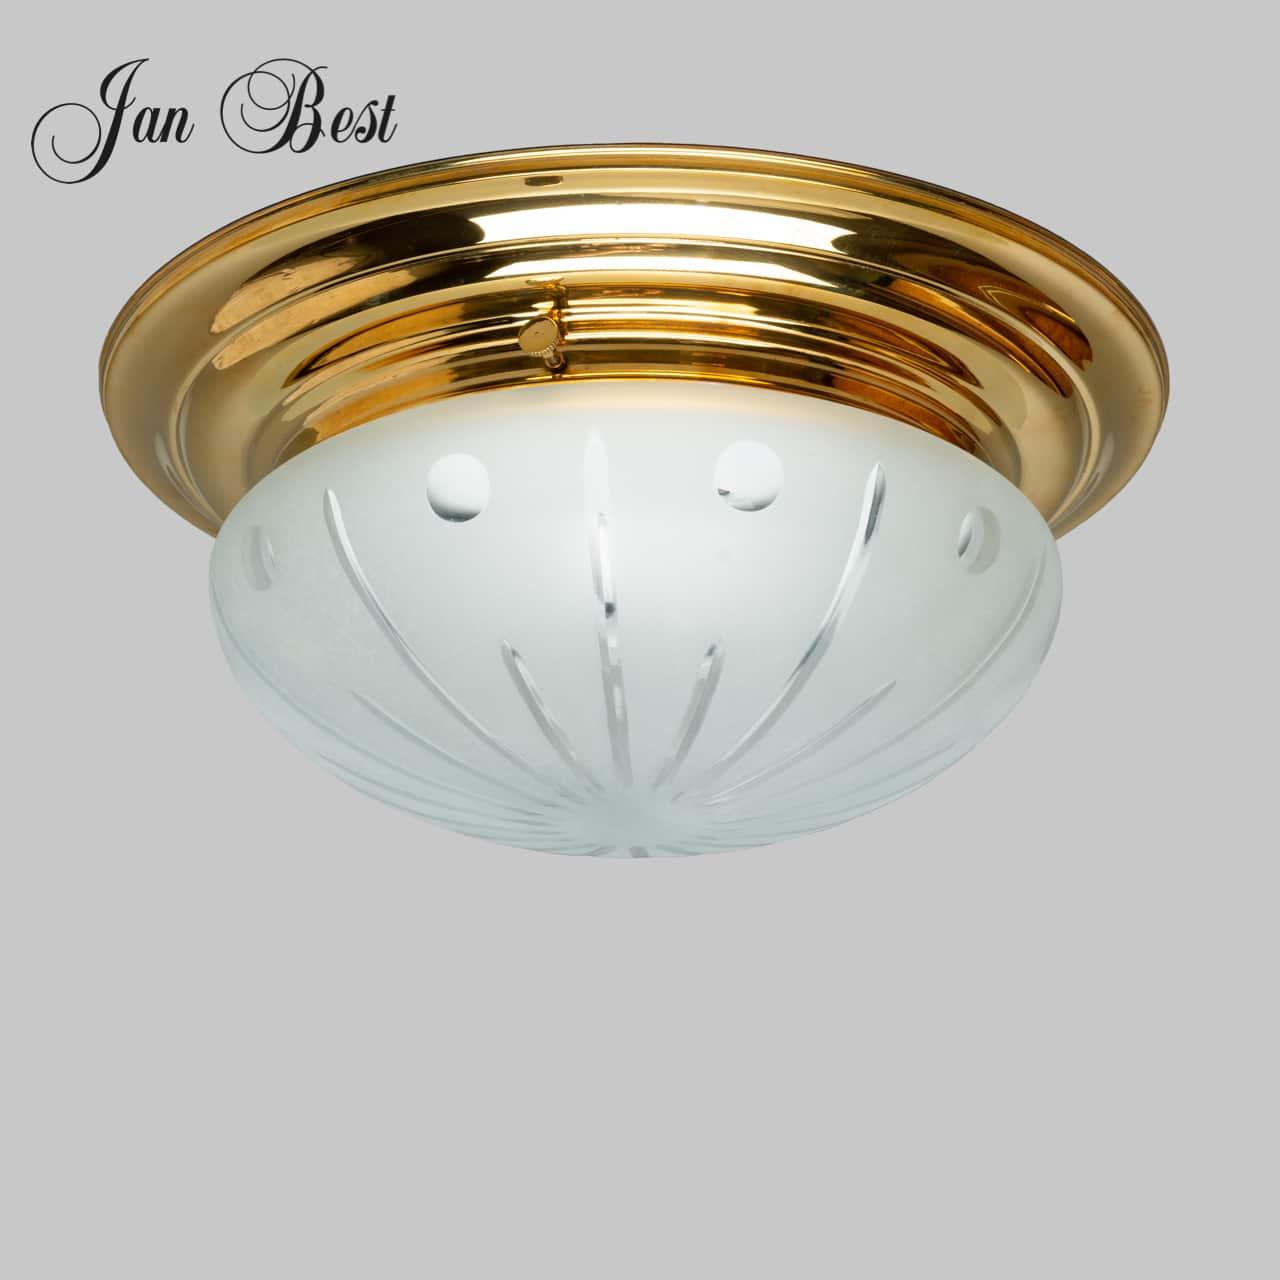 jan-best-plafonnier-keuken-badkamer-lamp-nostalgische-klassieke-horeca-verlichting-messing-geslepen-glas-aalsmeer